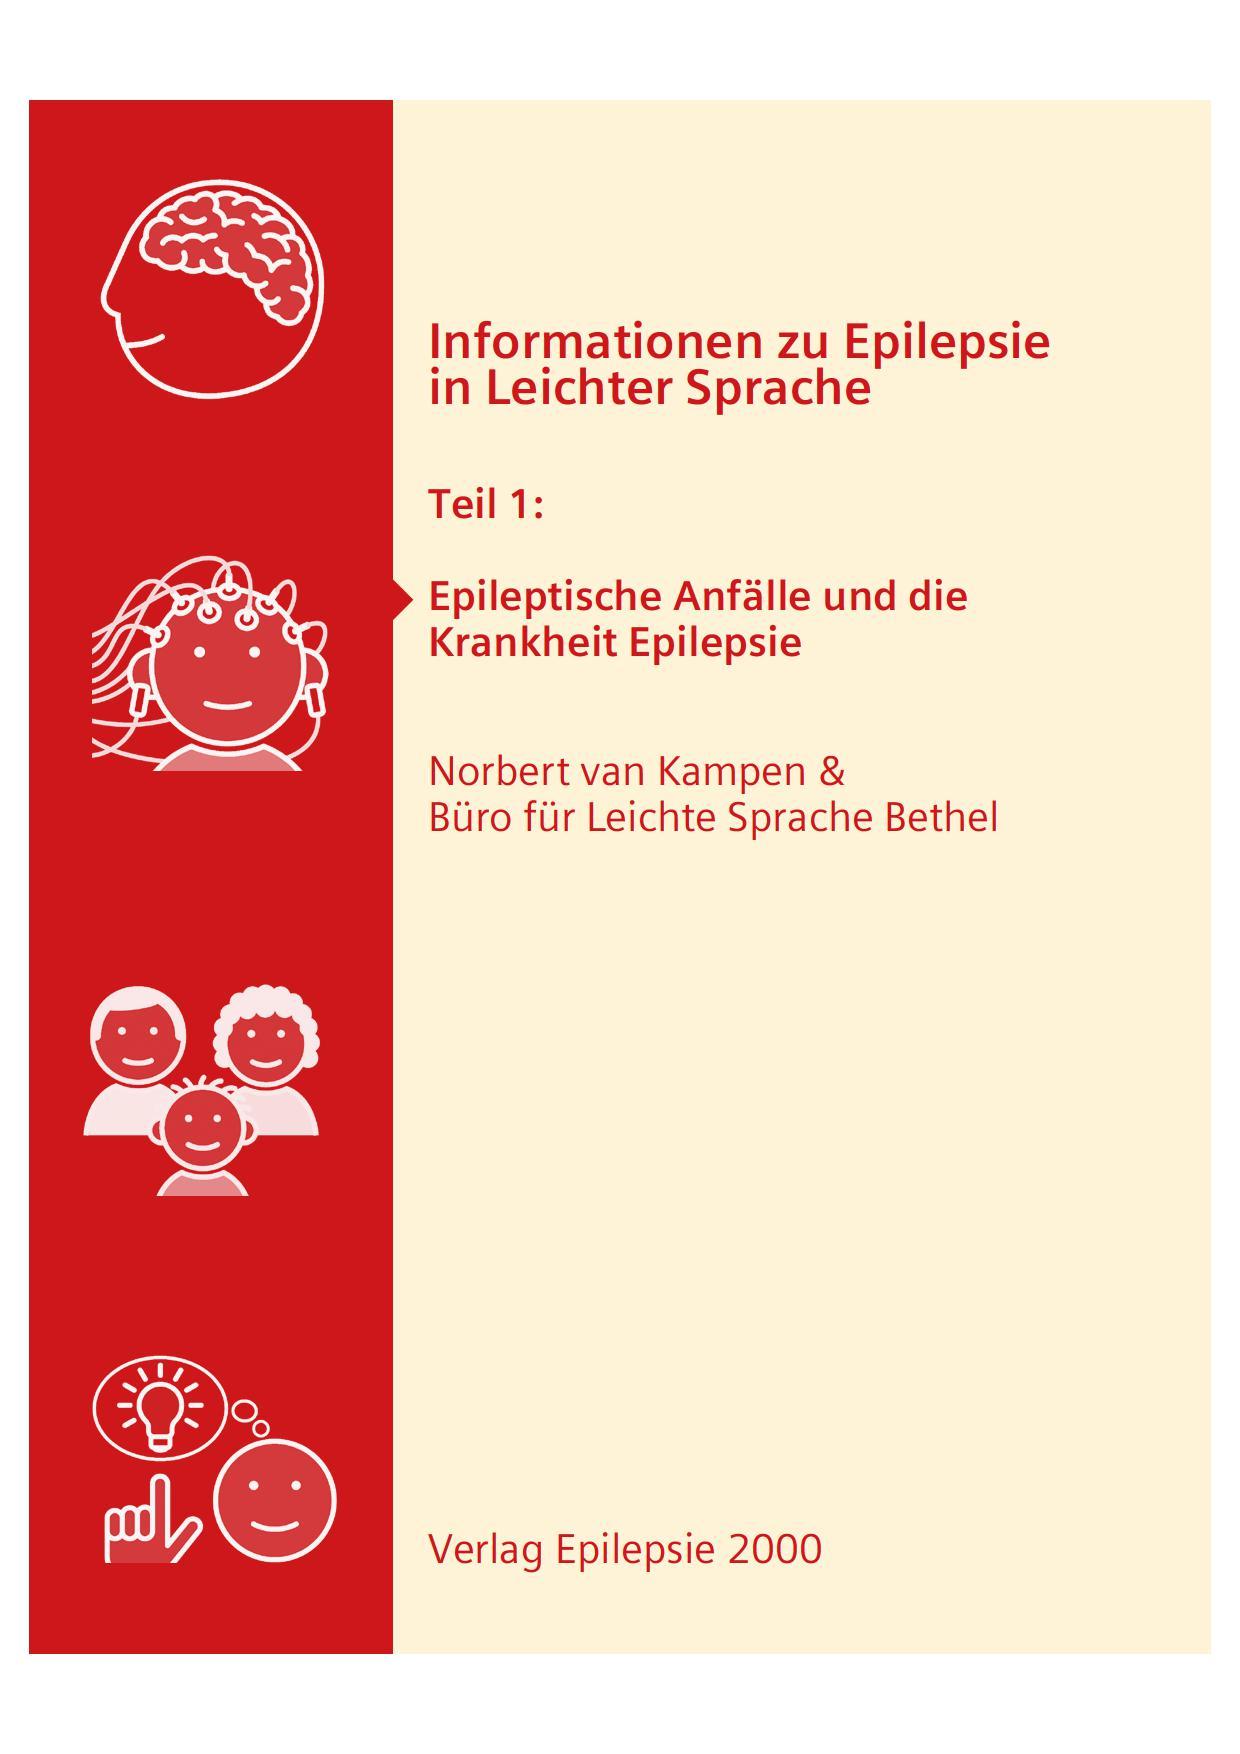 Titelbild Broschüre Epilepsie in Leichter Sprache - Teil 1 Epileptische Anfälle und die Krankheit Epilepsie